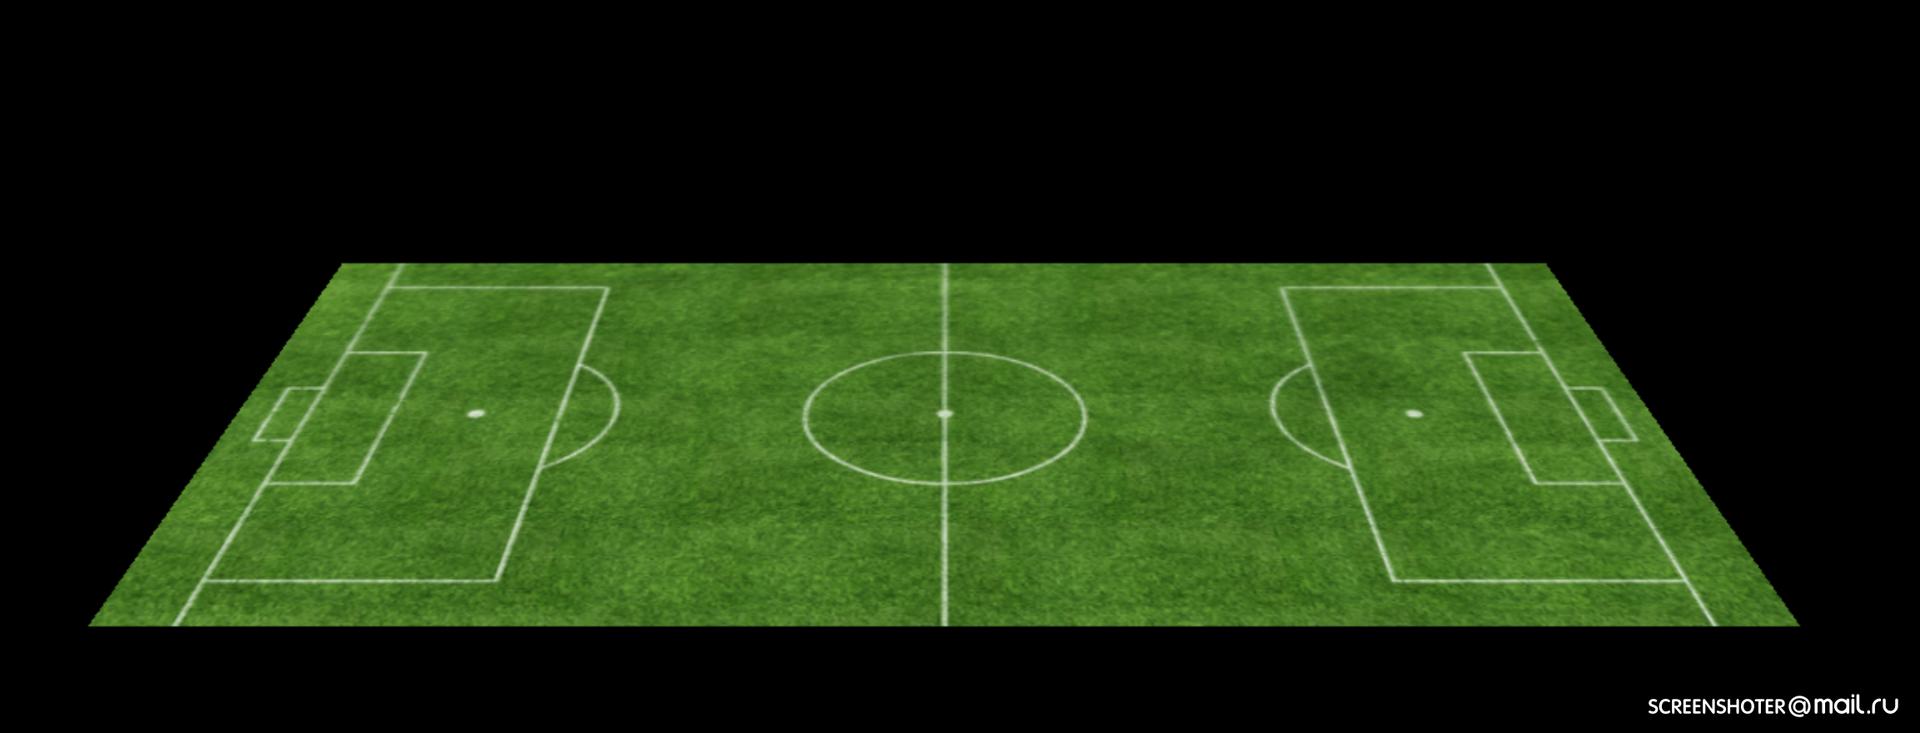 Как я браузерный 3D-футбол писала. Часть 1 - 4